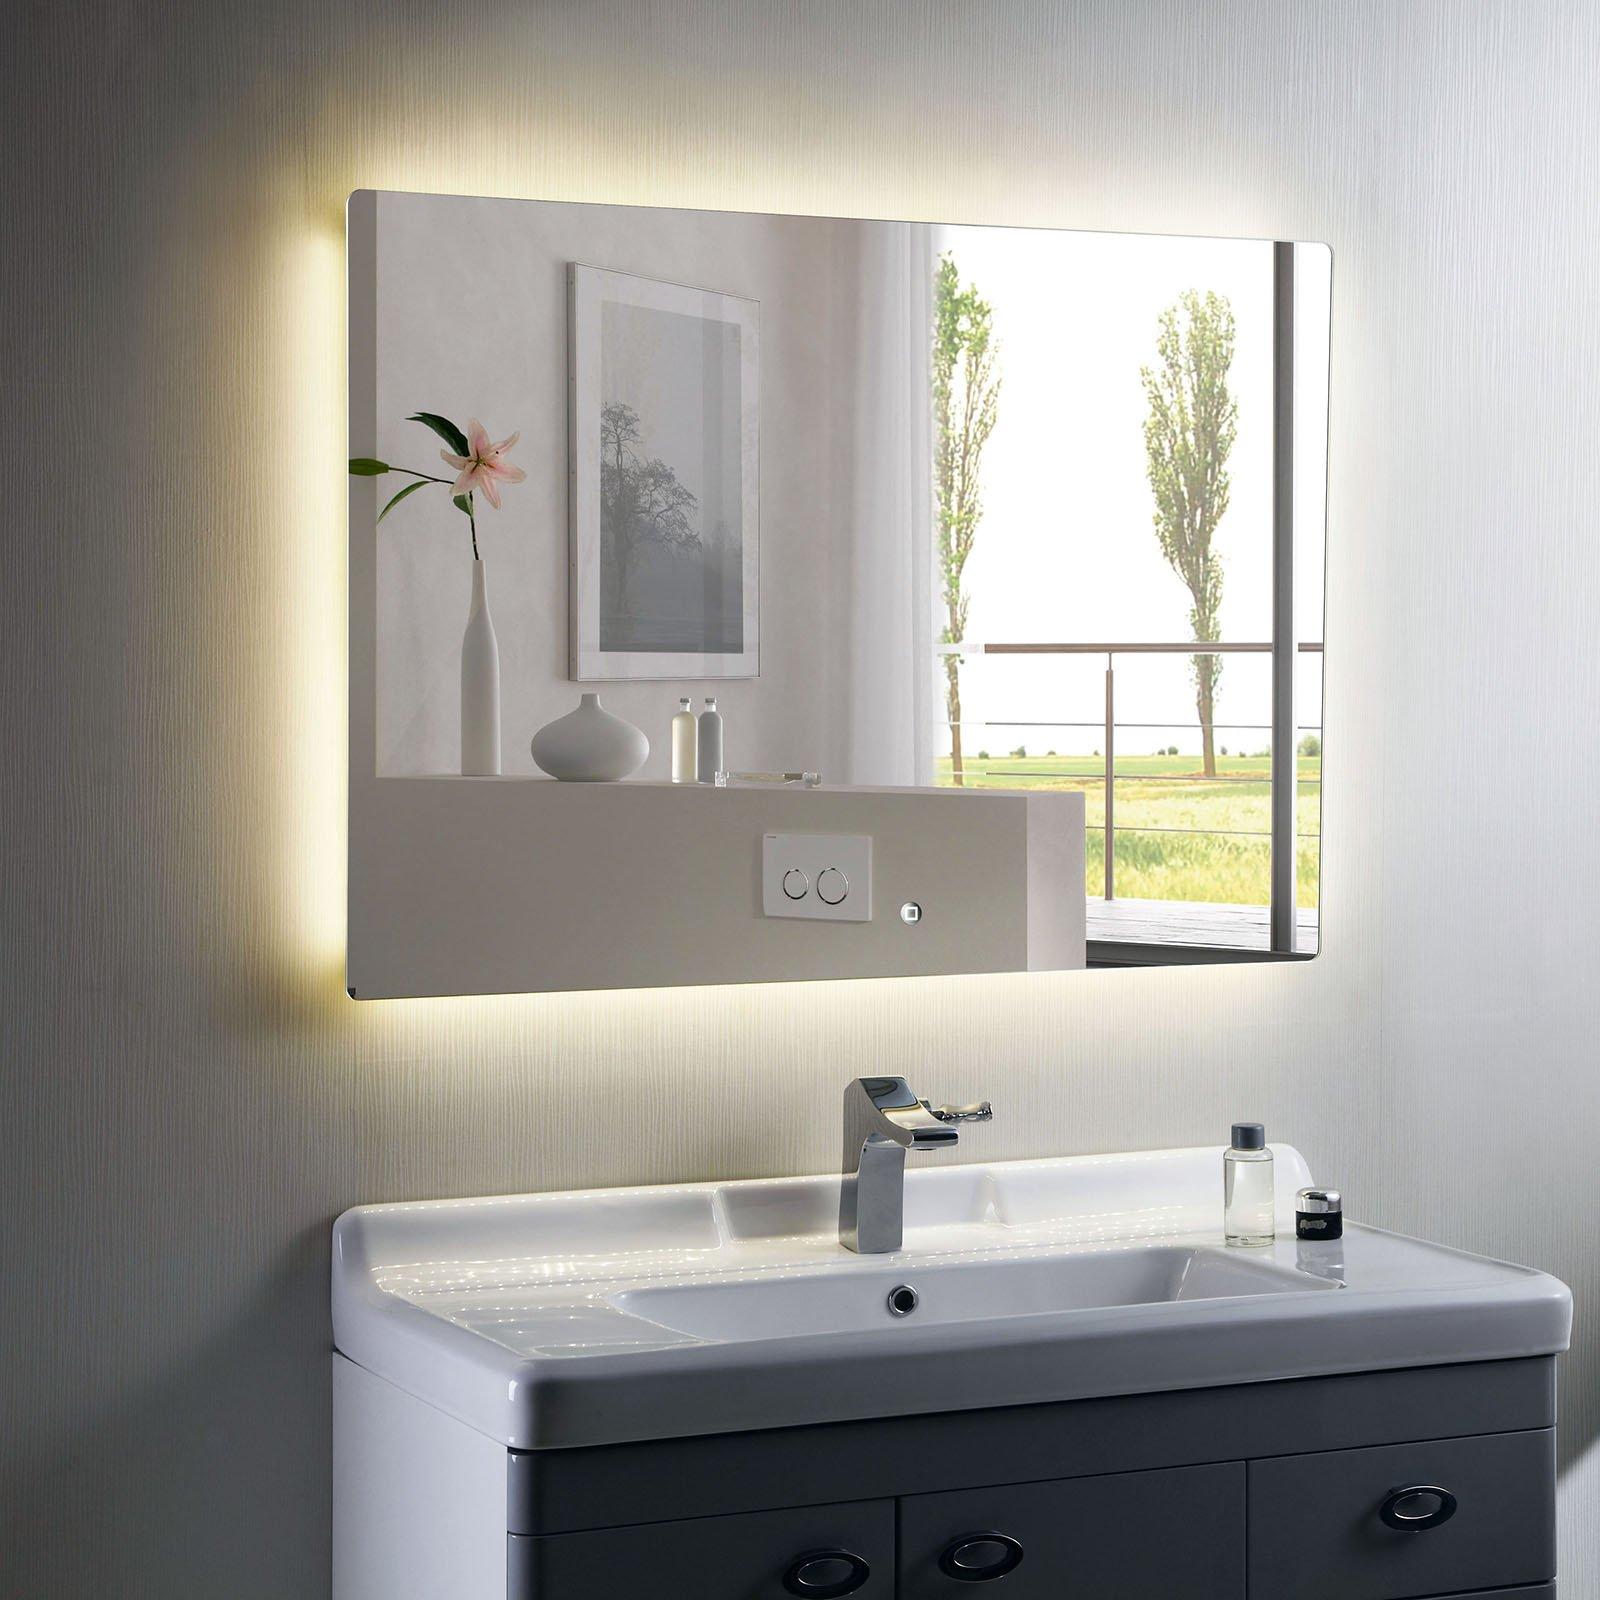 LED Lichtspiegel Badspiegel 2137 - Breite wählbar